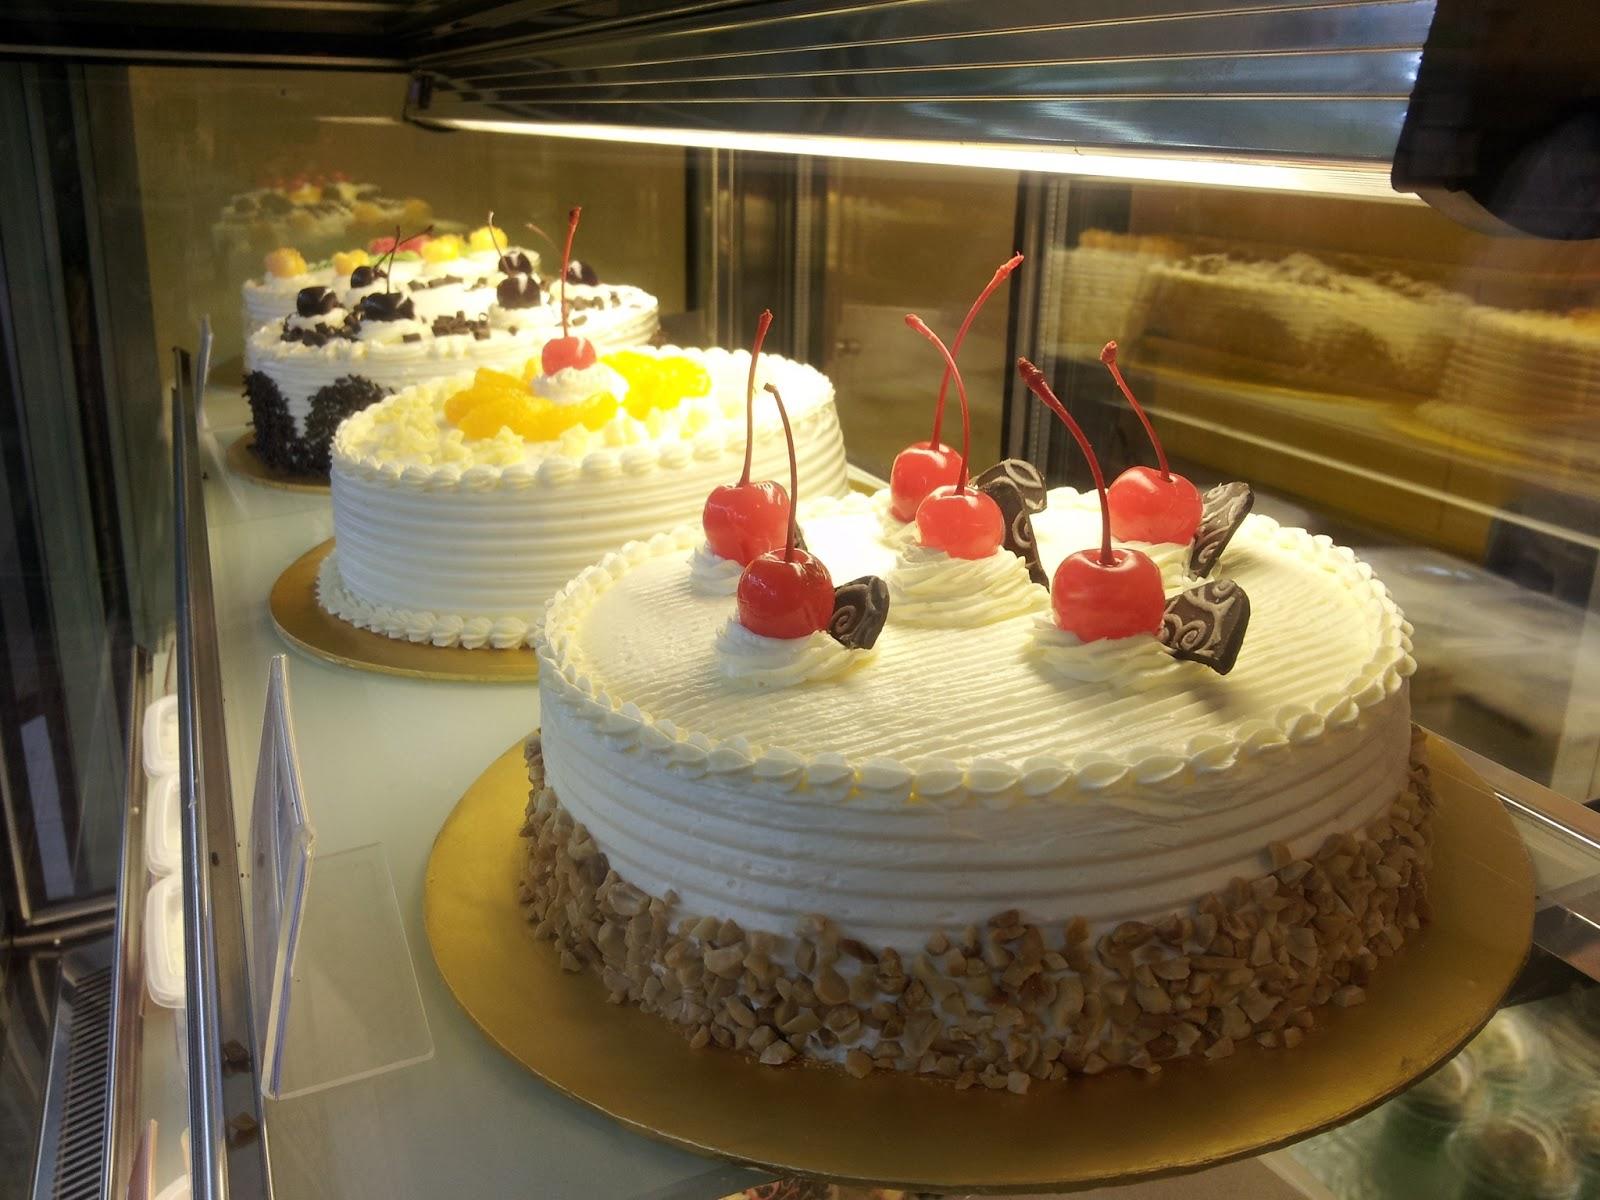 kedai roti dan kek afiza bakery senarai roti dan kek